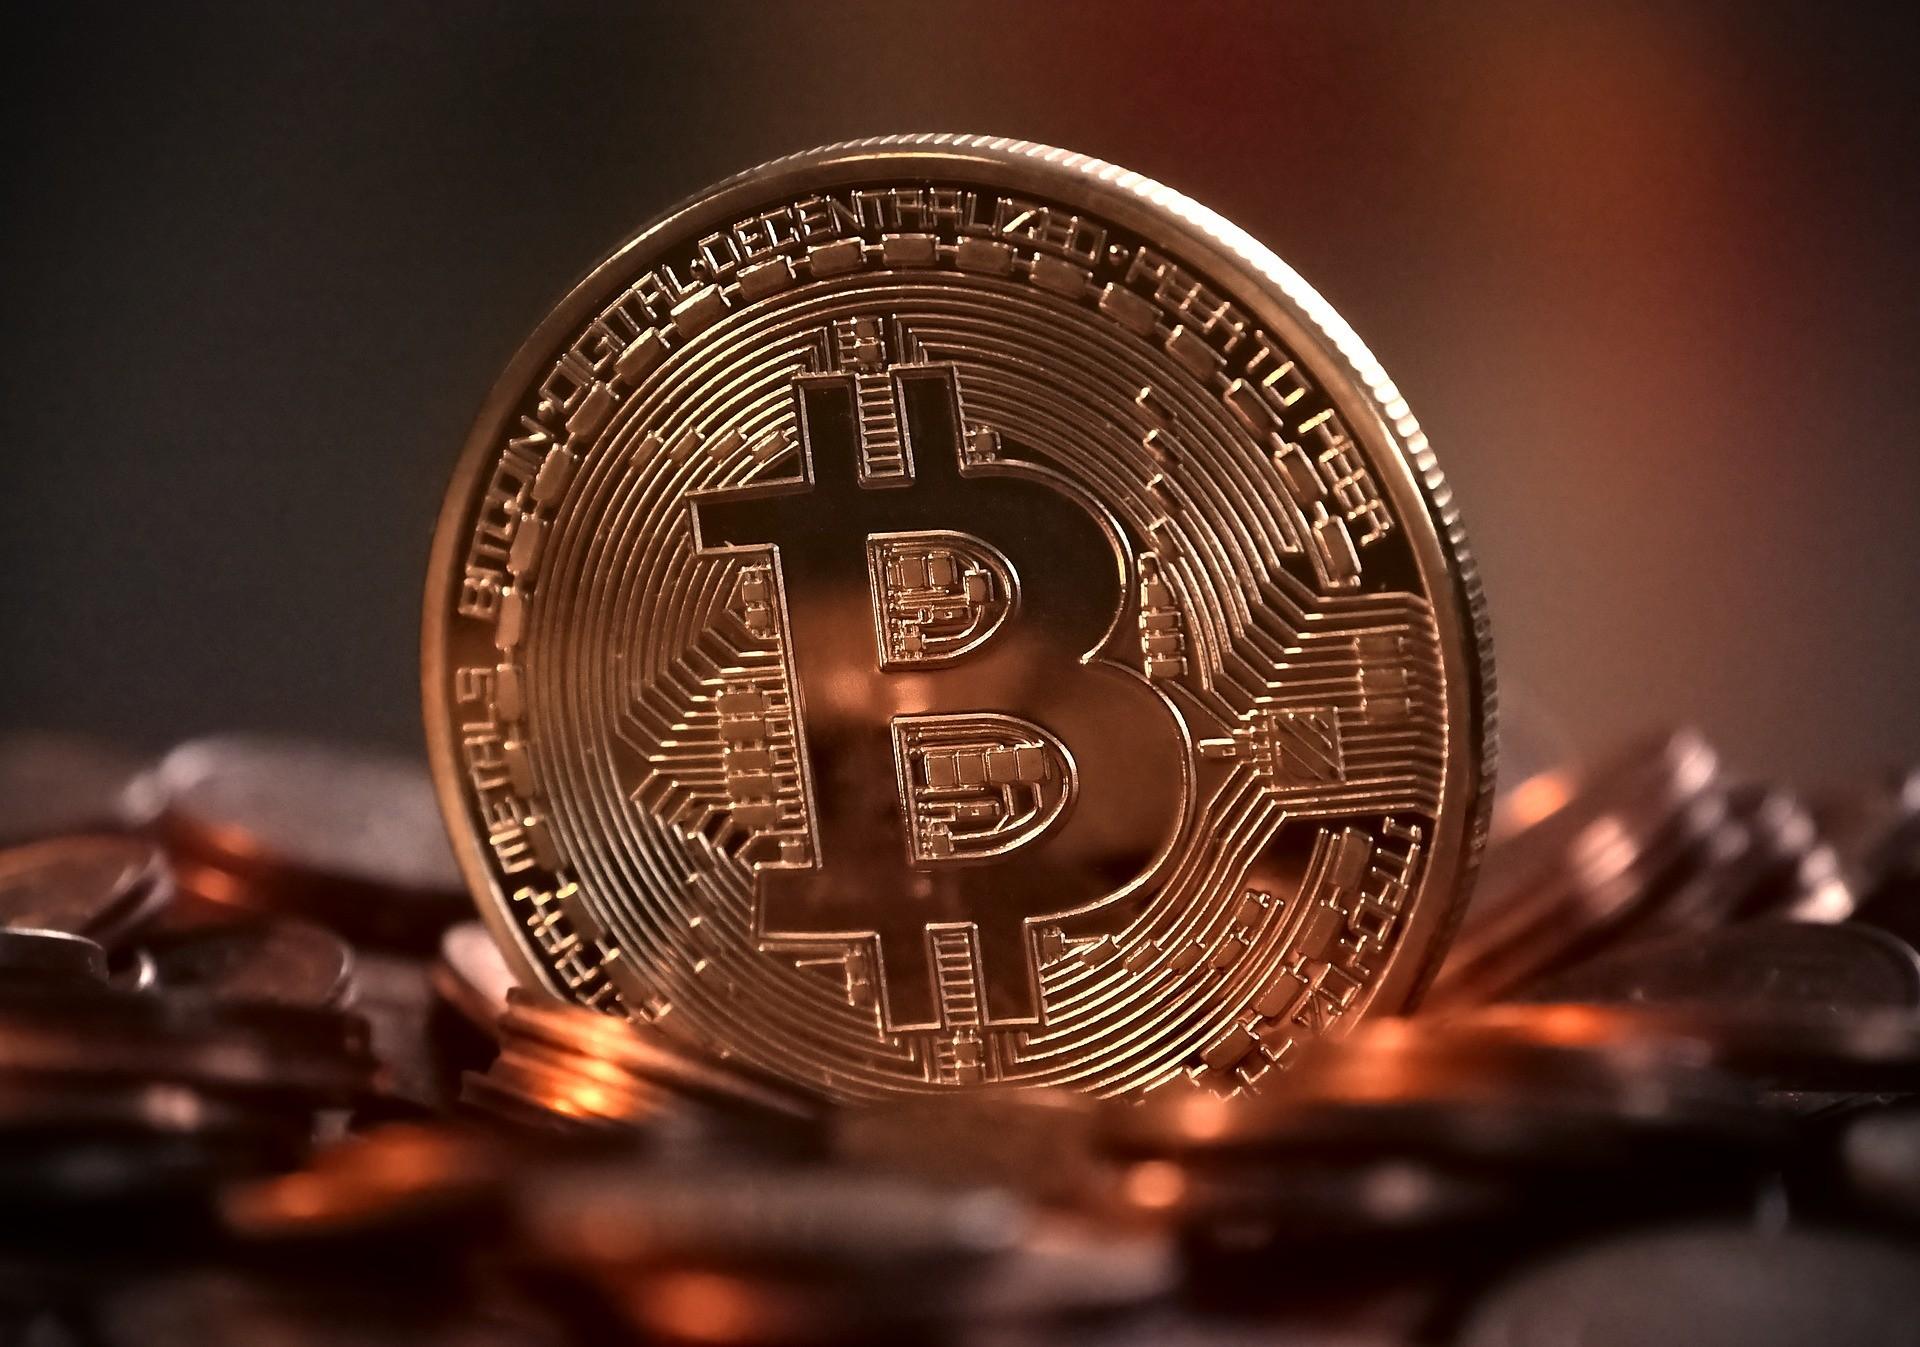 Investidores denunciam empresa por golpe com bitcoins em SP: 'Perdi tudo'